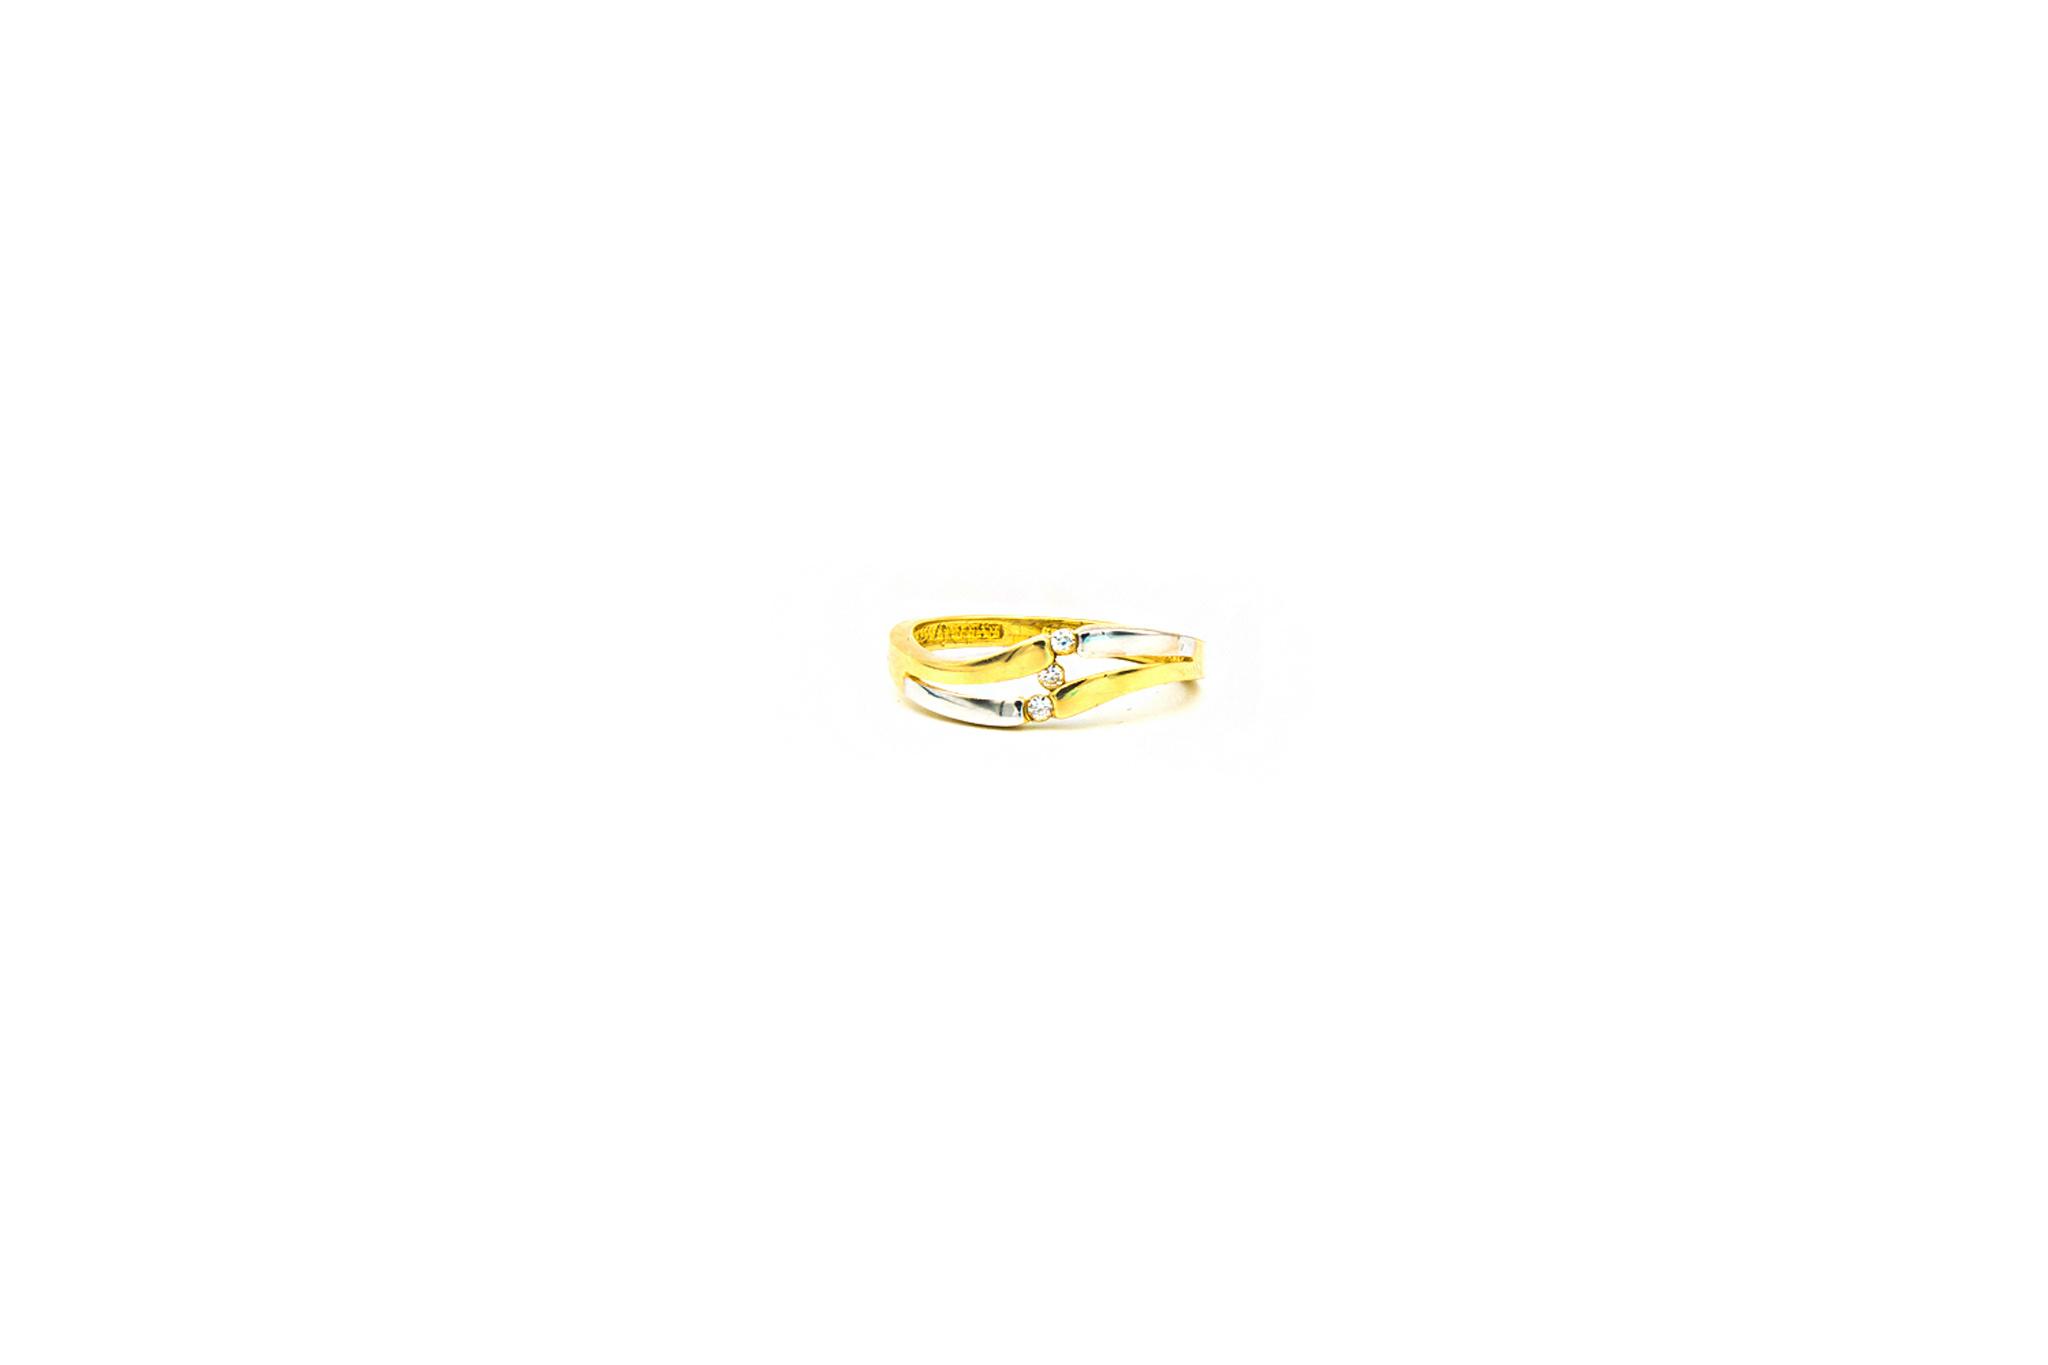 Ring slag bezet met 3 zirkonia's, bicolor-1